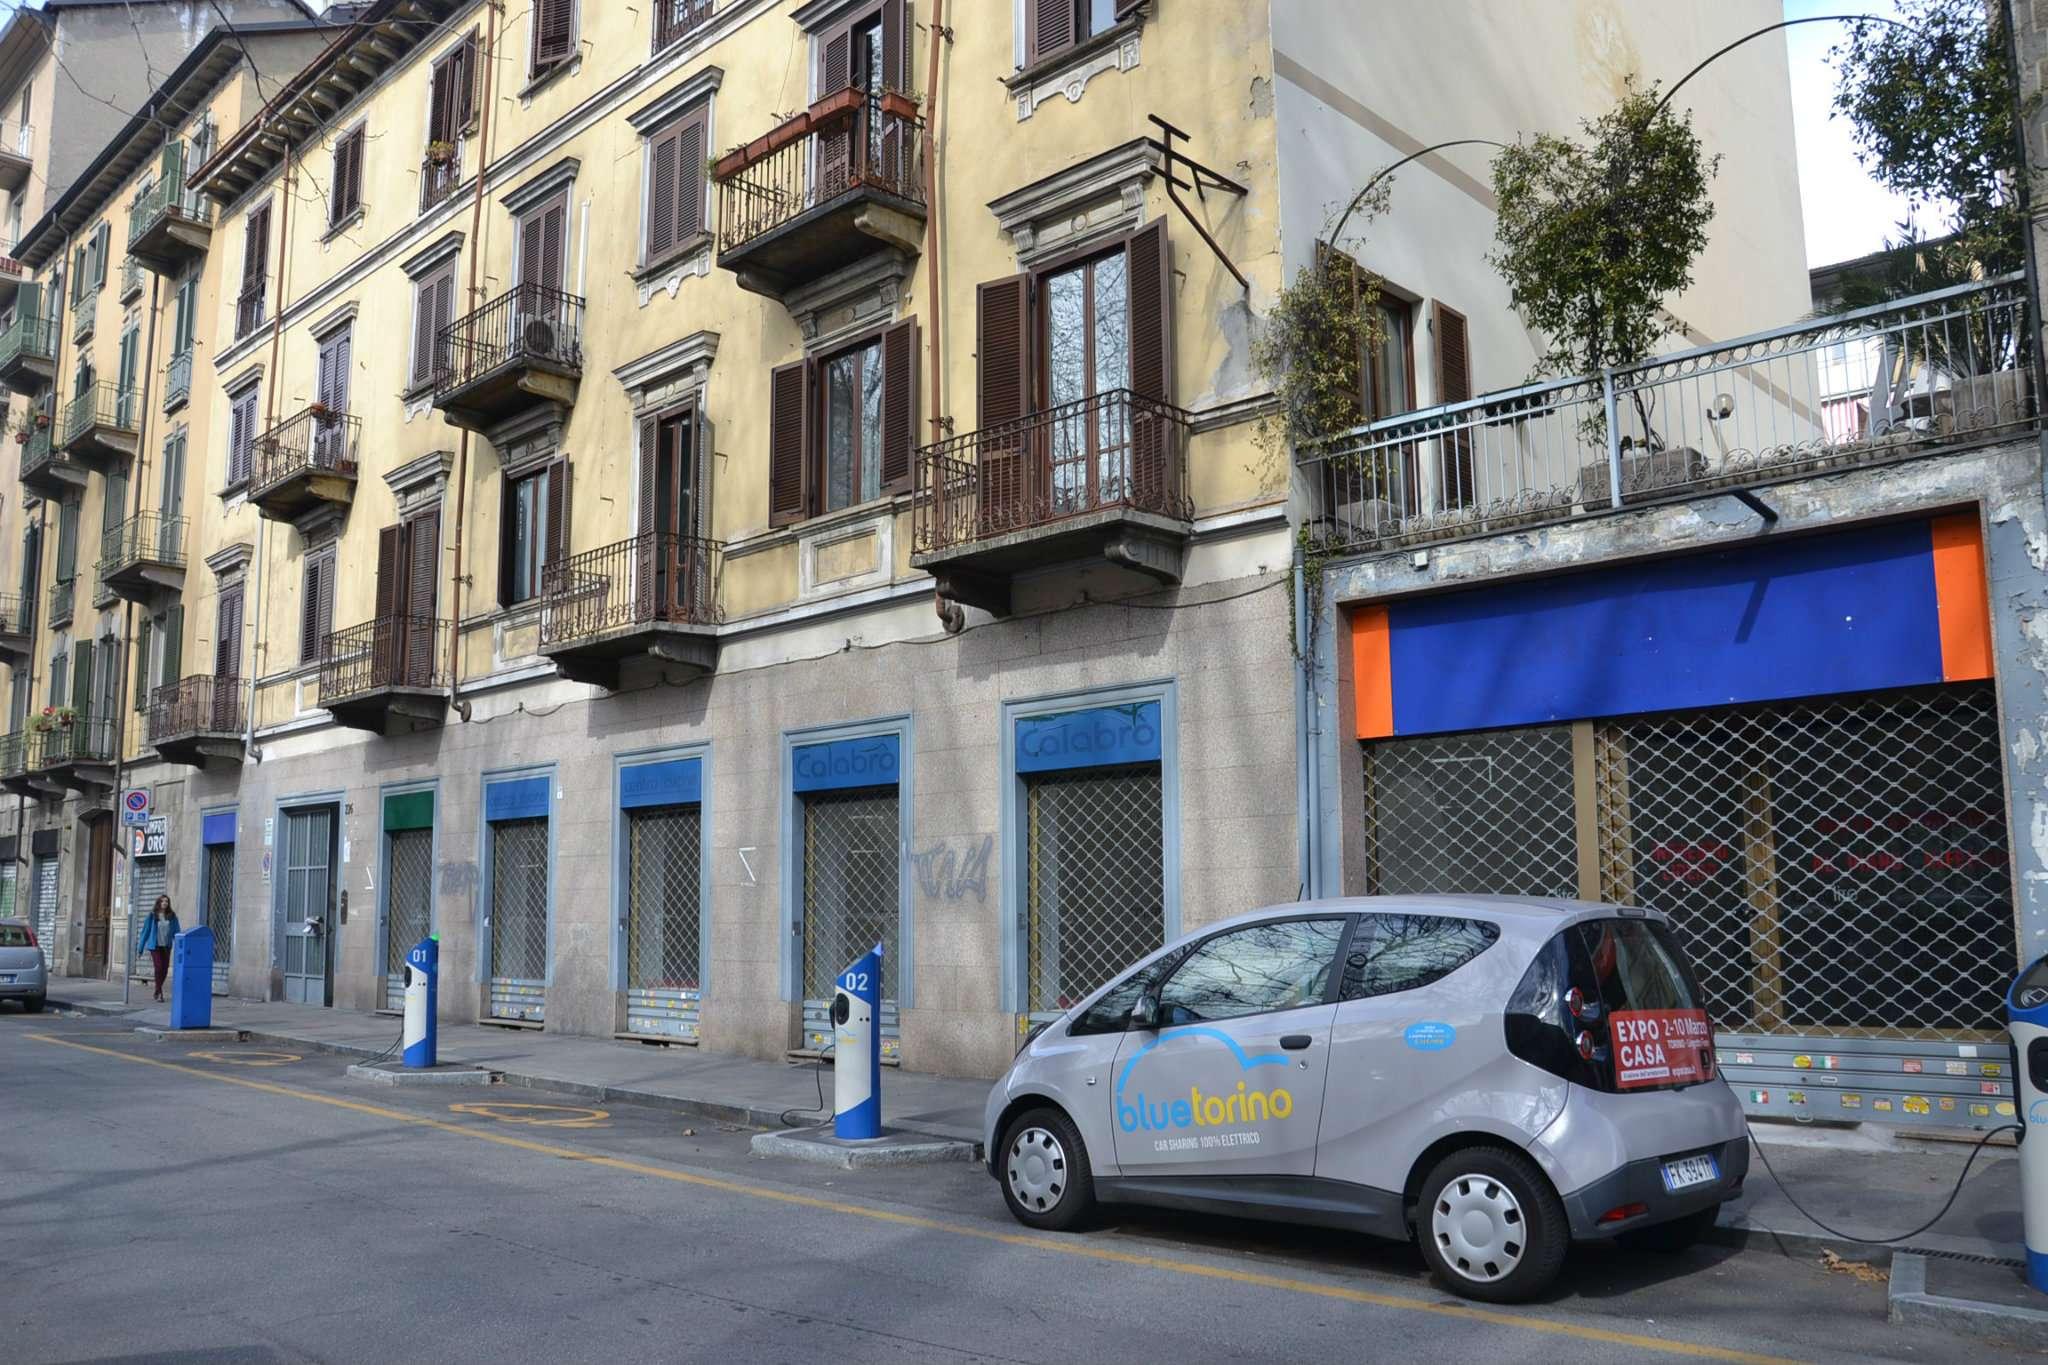 Negozio in vendita Zona Cit Turin, San Donato, Campidoglio - via Regina Margherita Torino